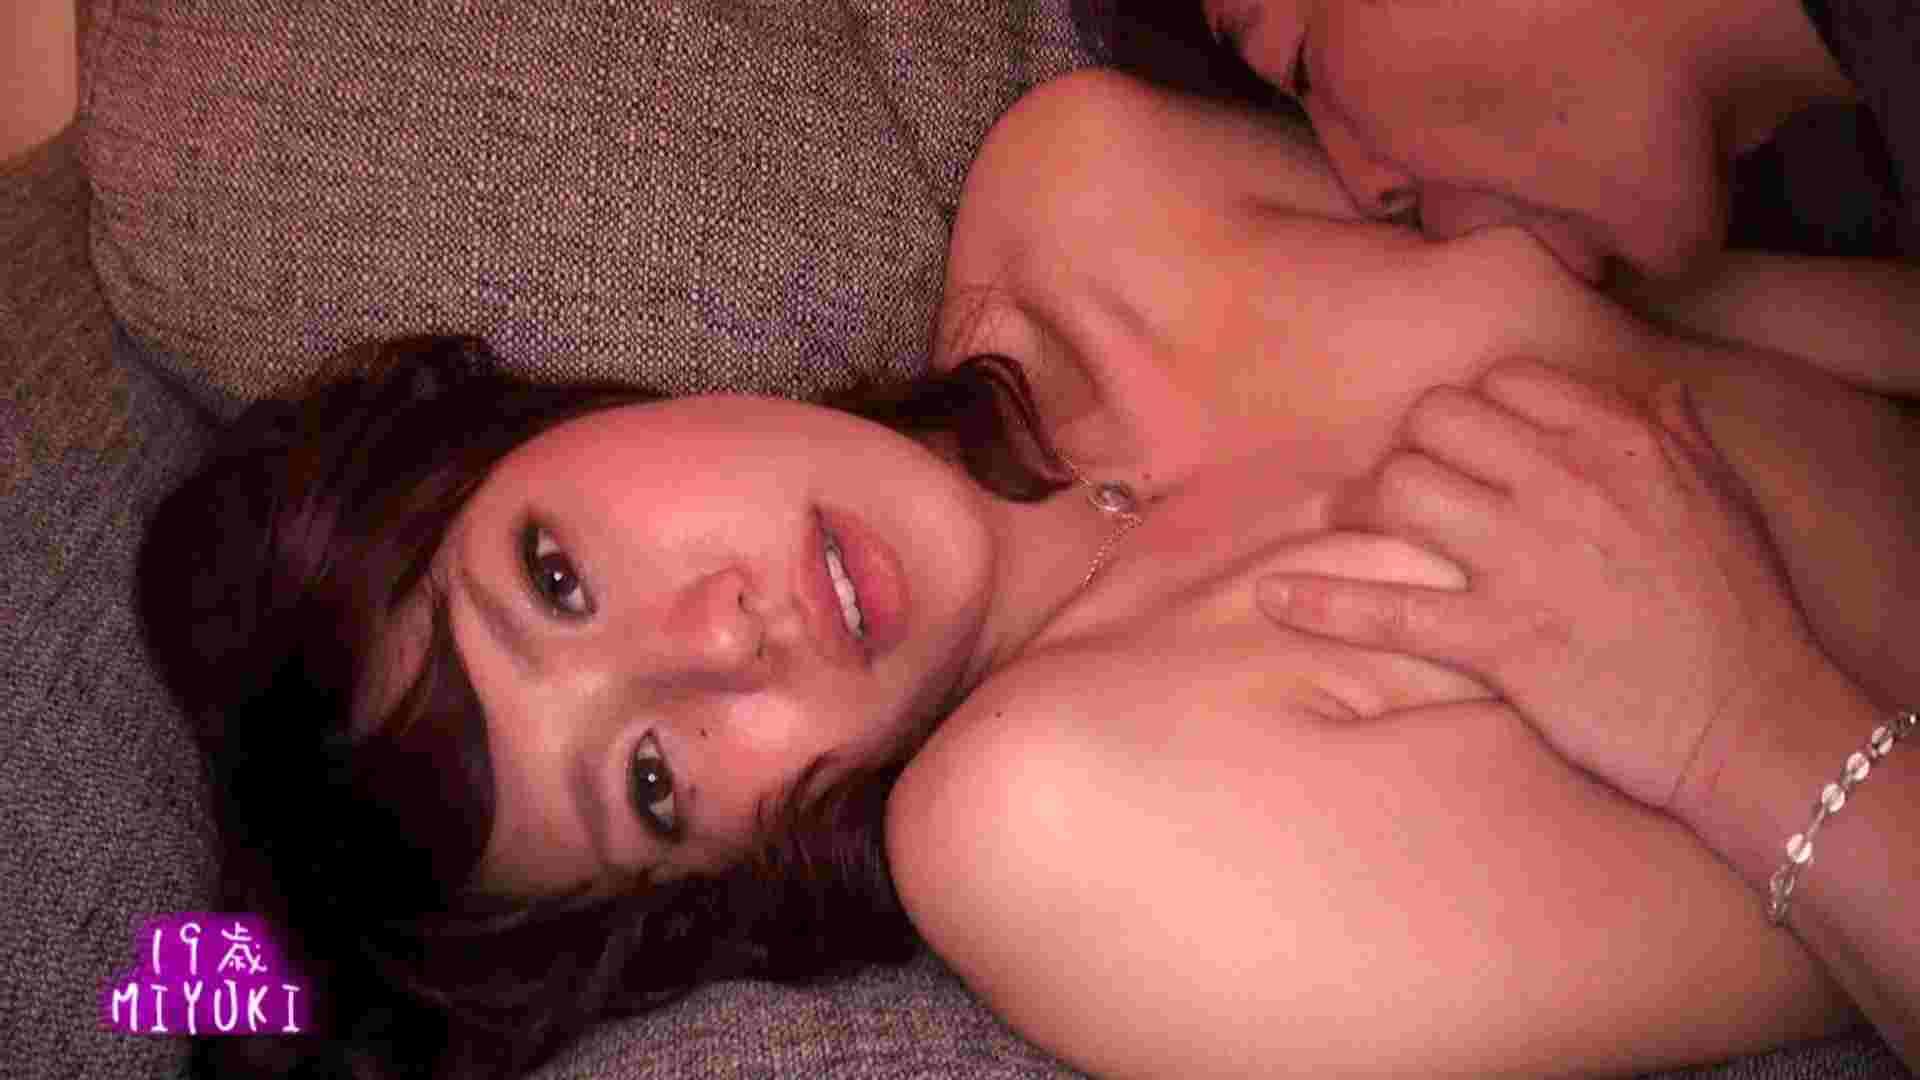 トイレ盗撮 遂に解禁!!MIYUKIちゃんの柔らかいおっぱい 大奥